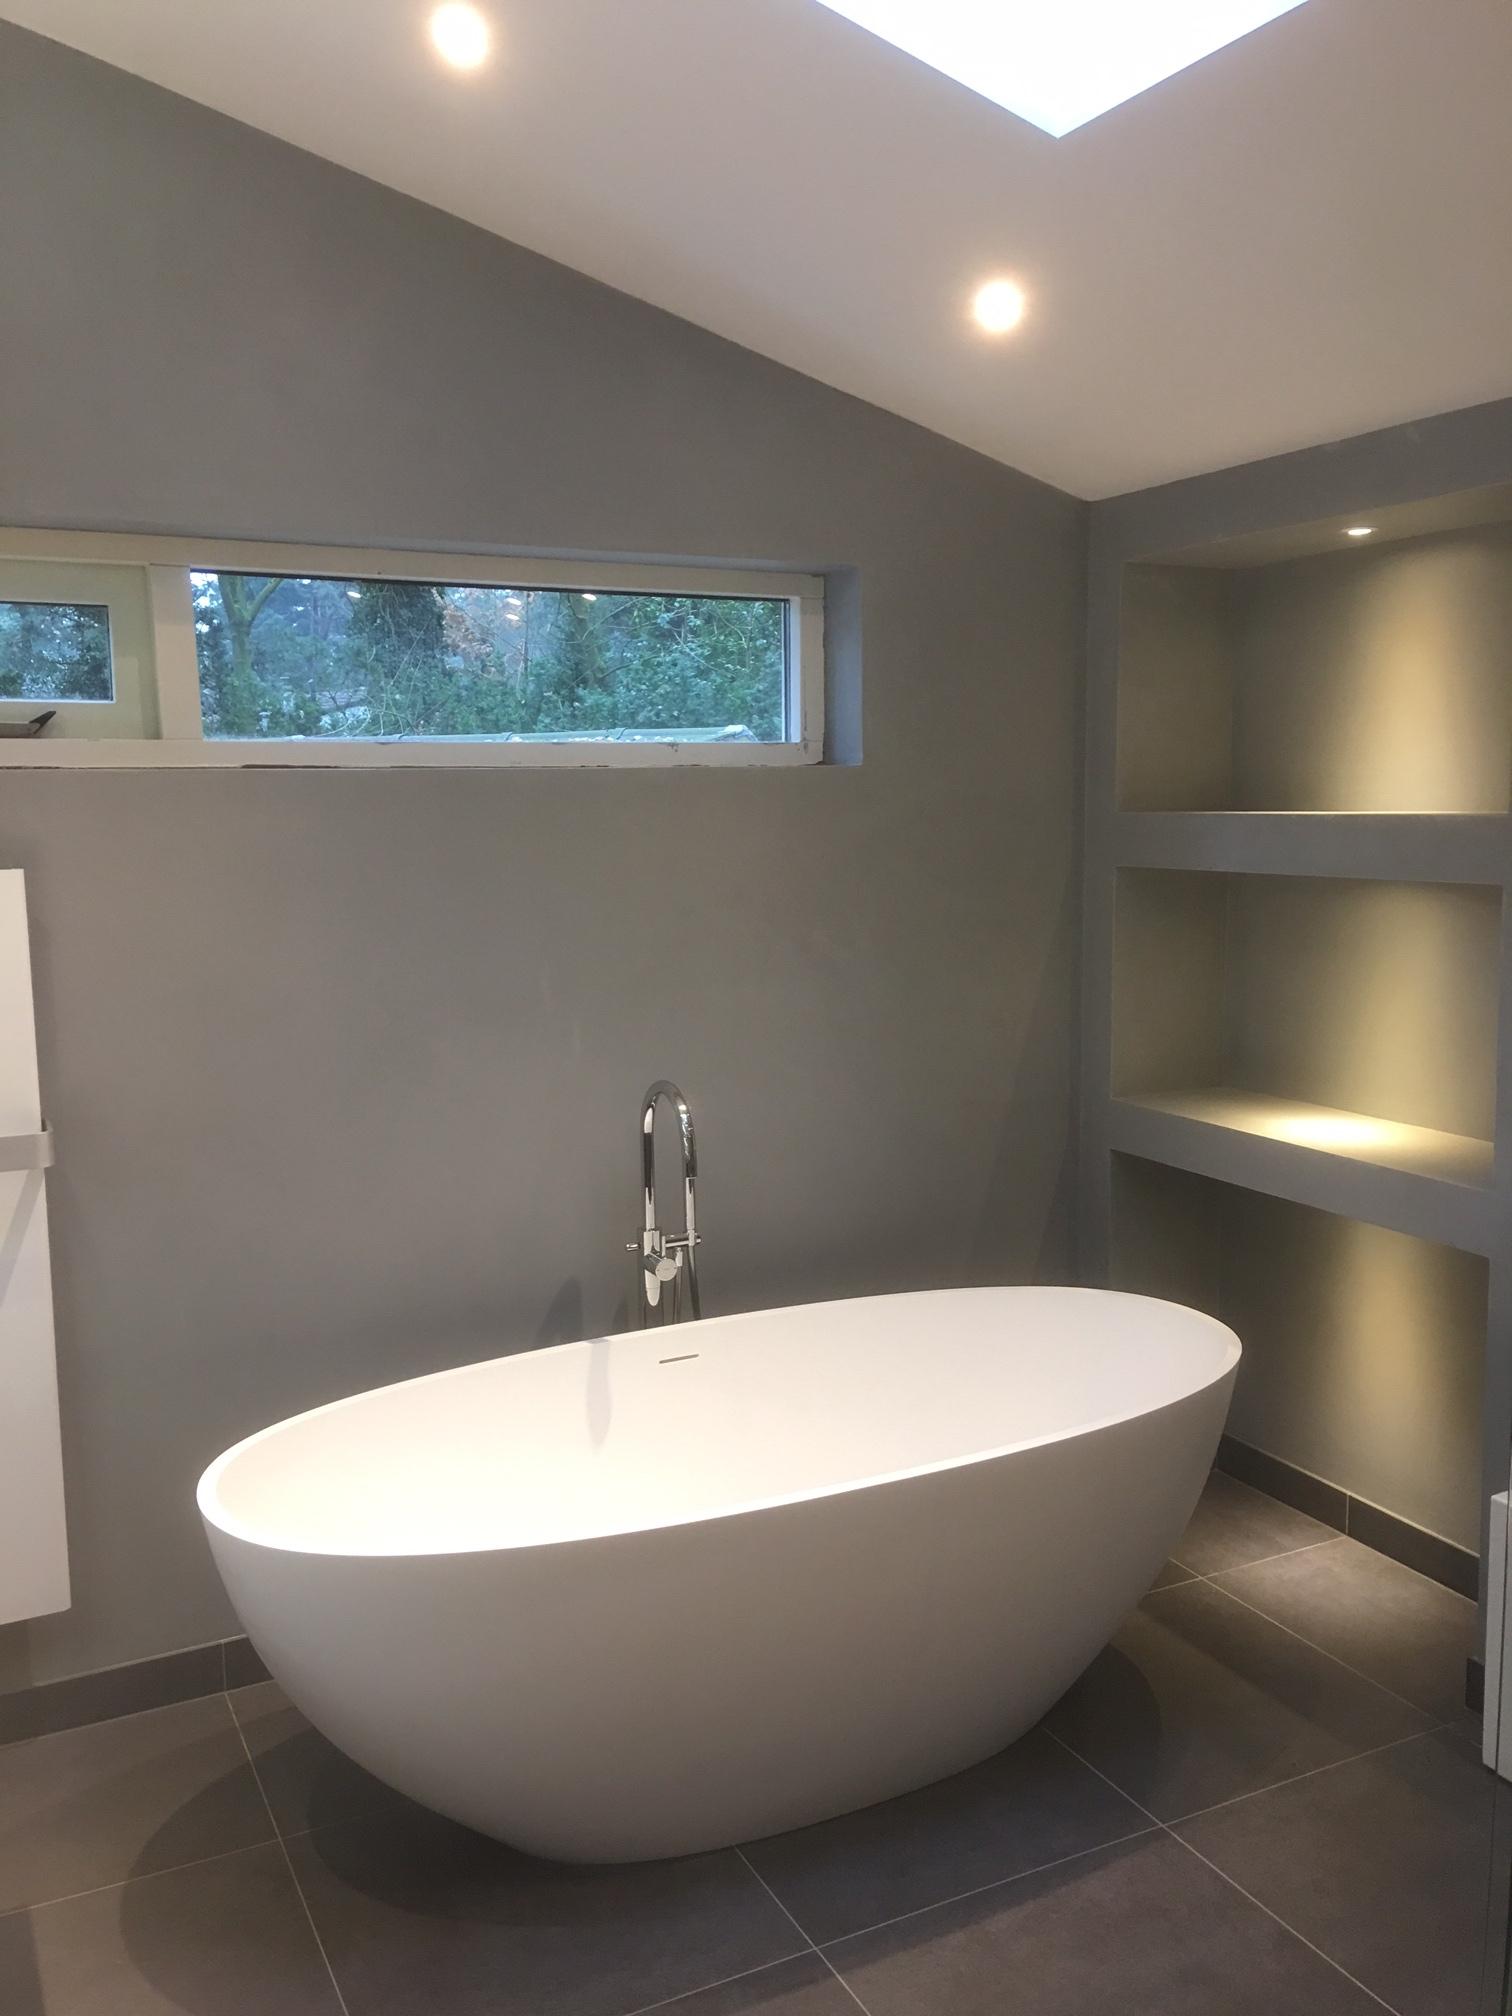 Nieuw Beton cire of tegels badkamer - TGWONEN XE-77